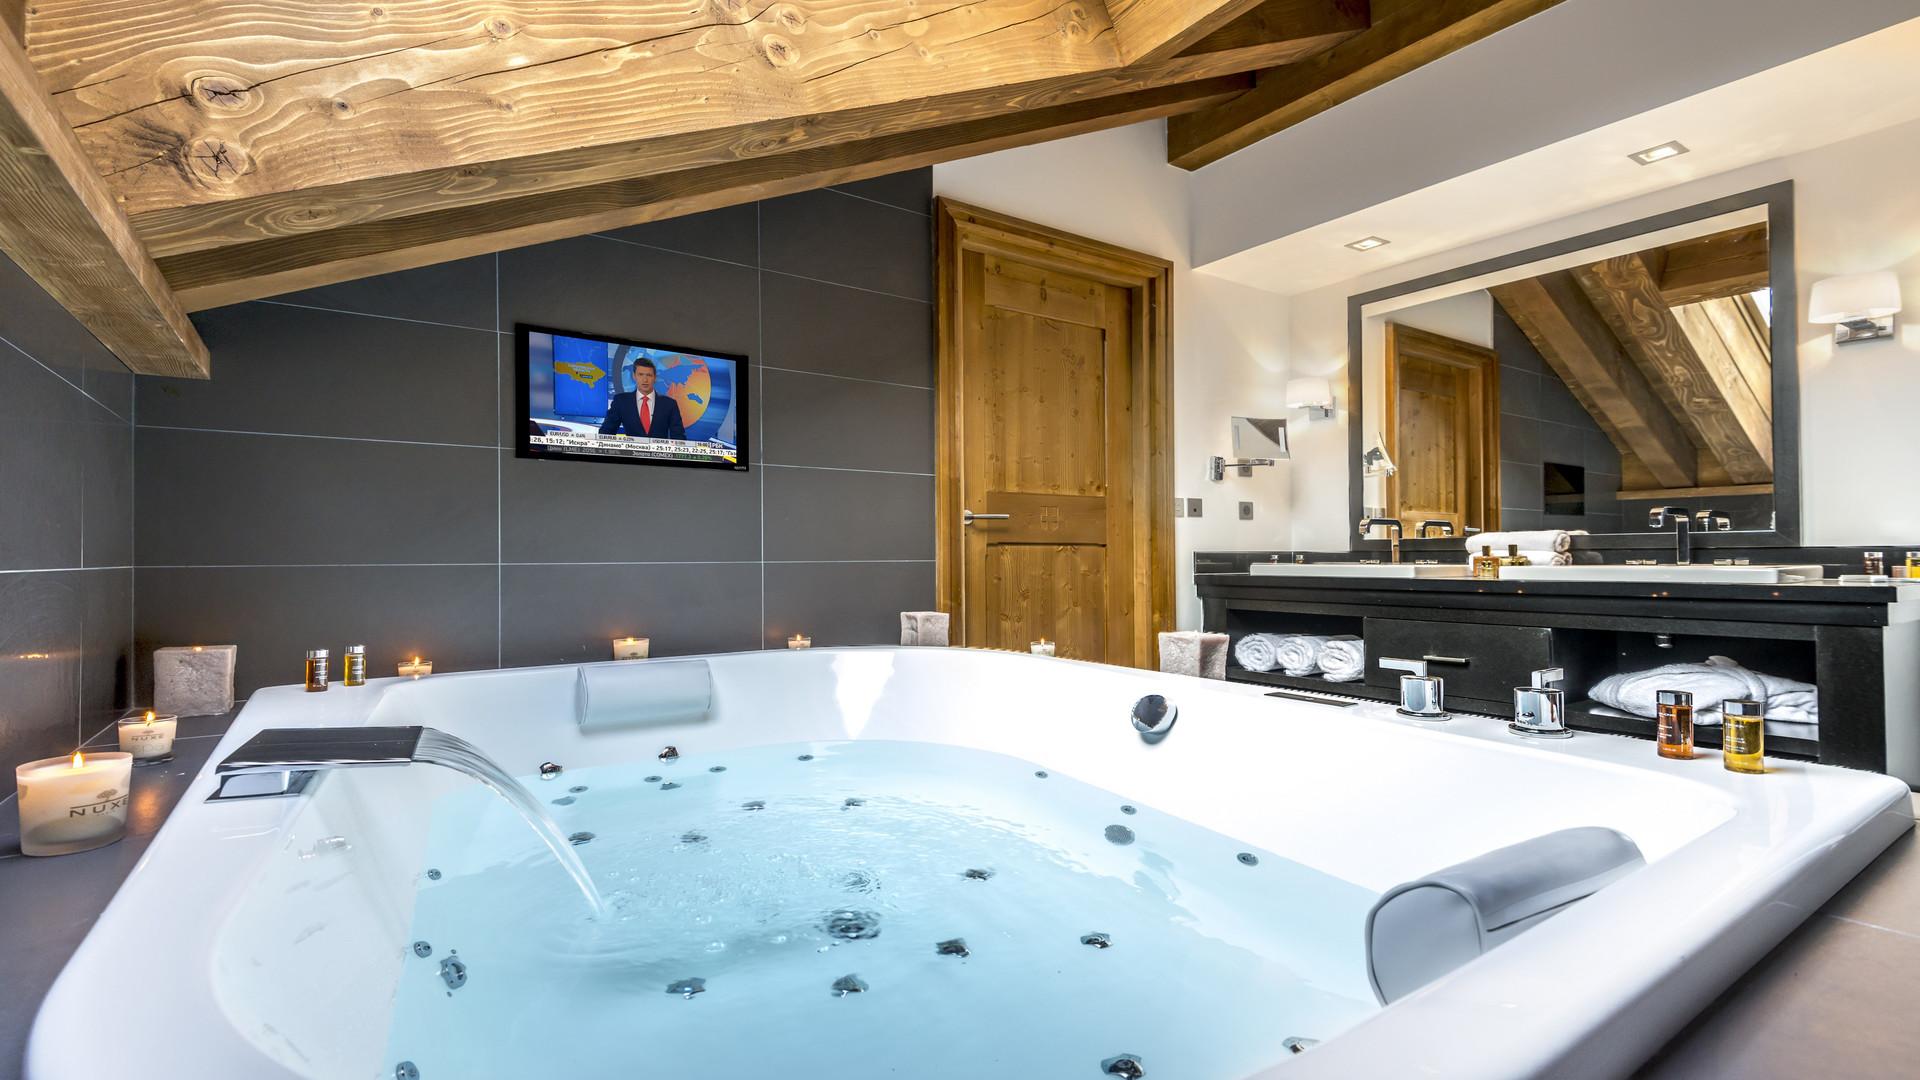 Телевизор в ванной с джакузи